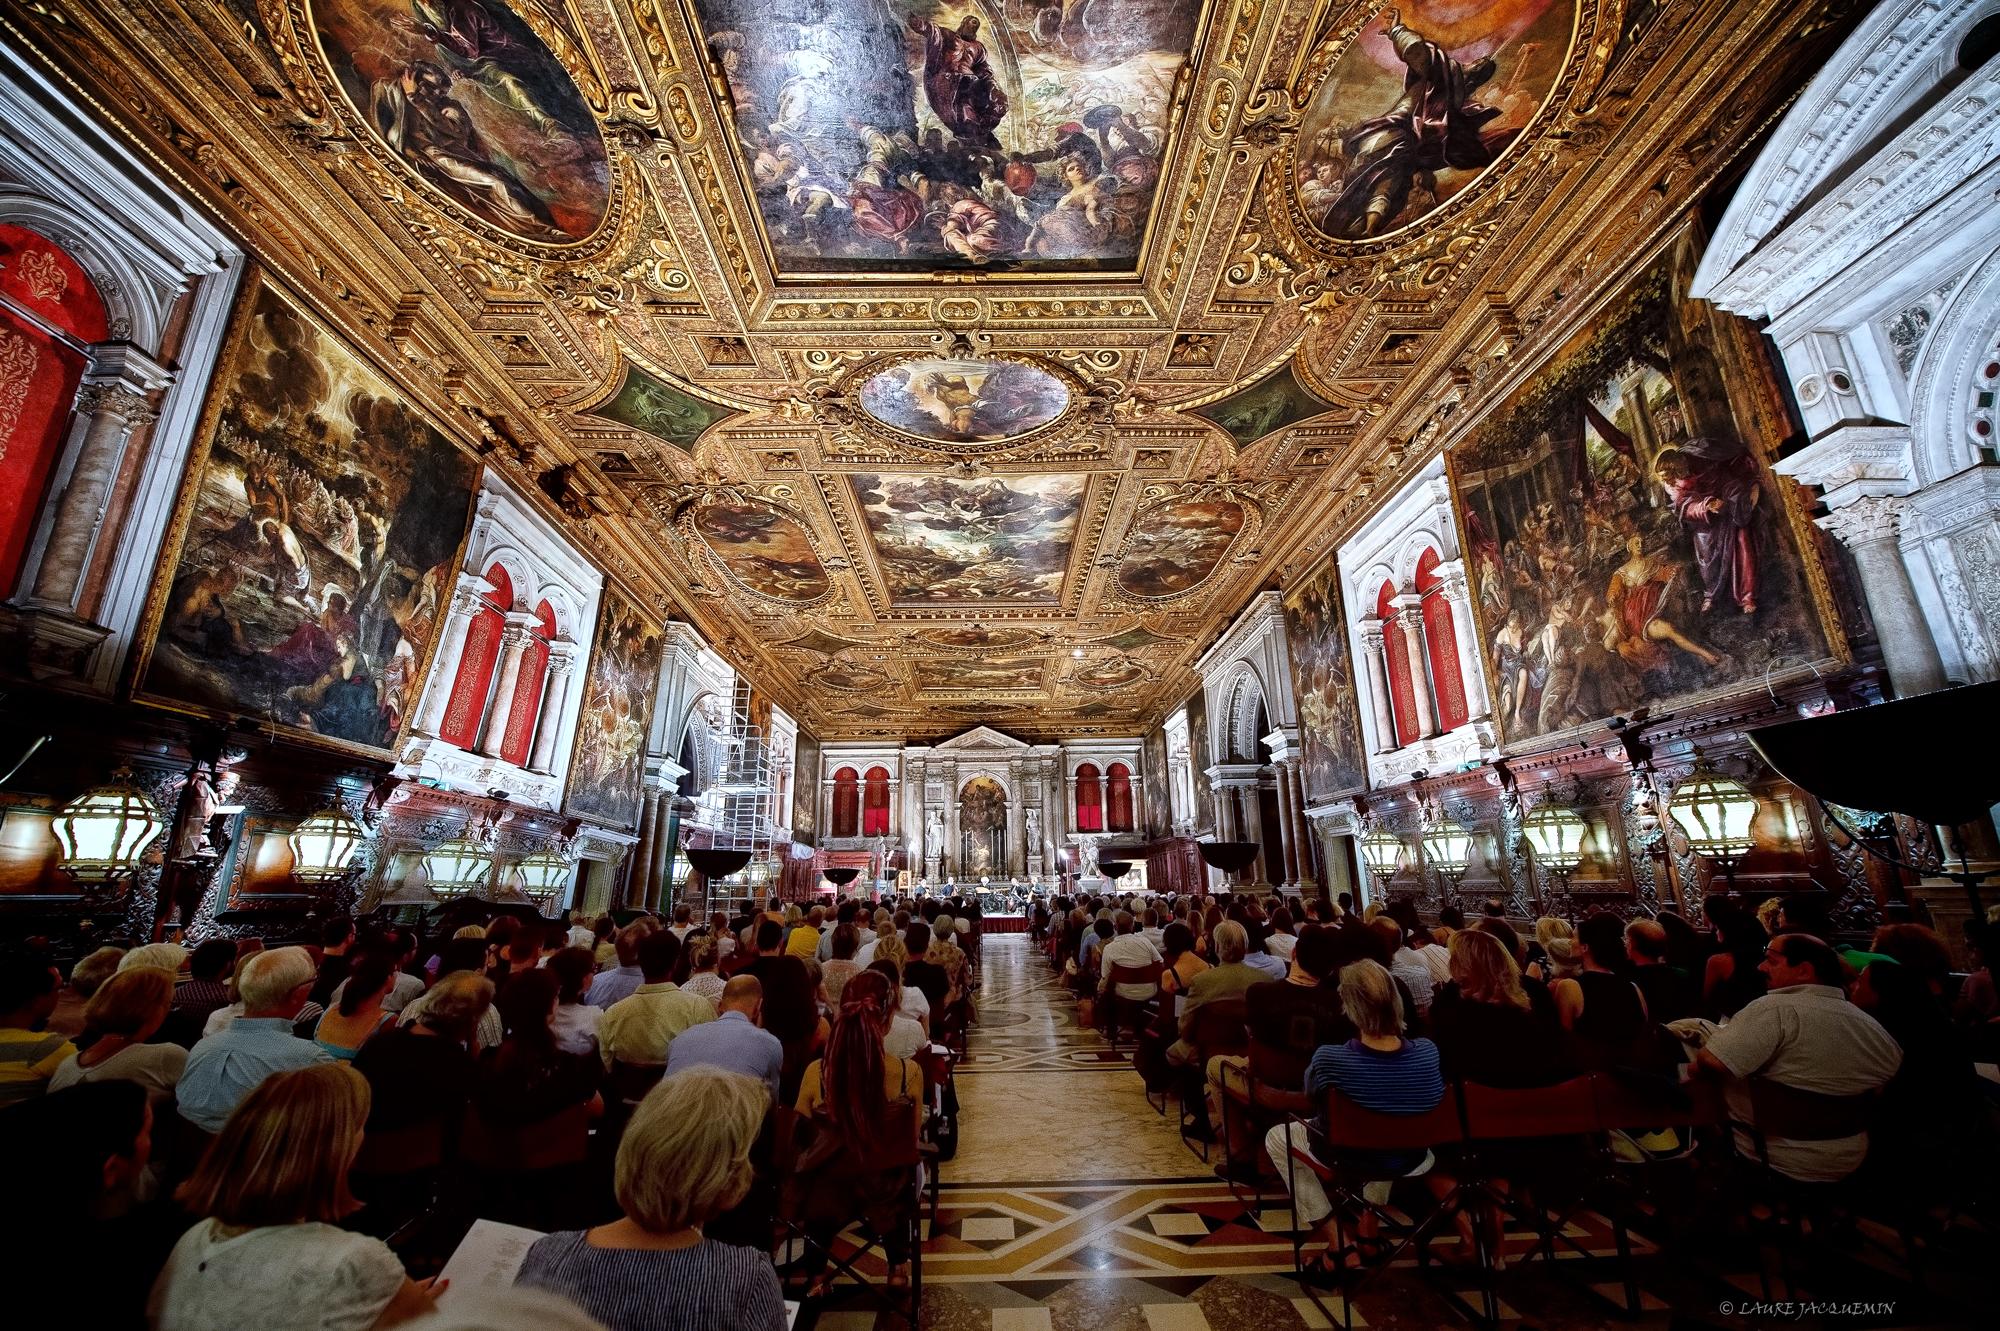 Venezia fotografo eventi serate feste laure jacquemin  (26)